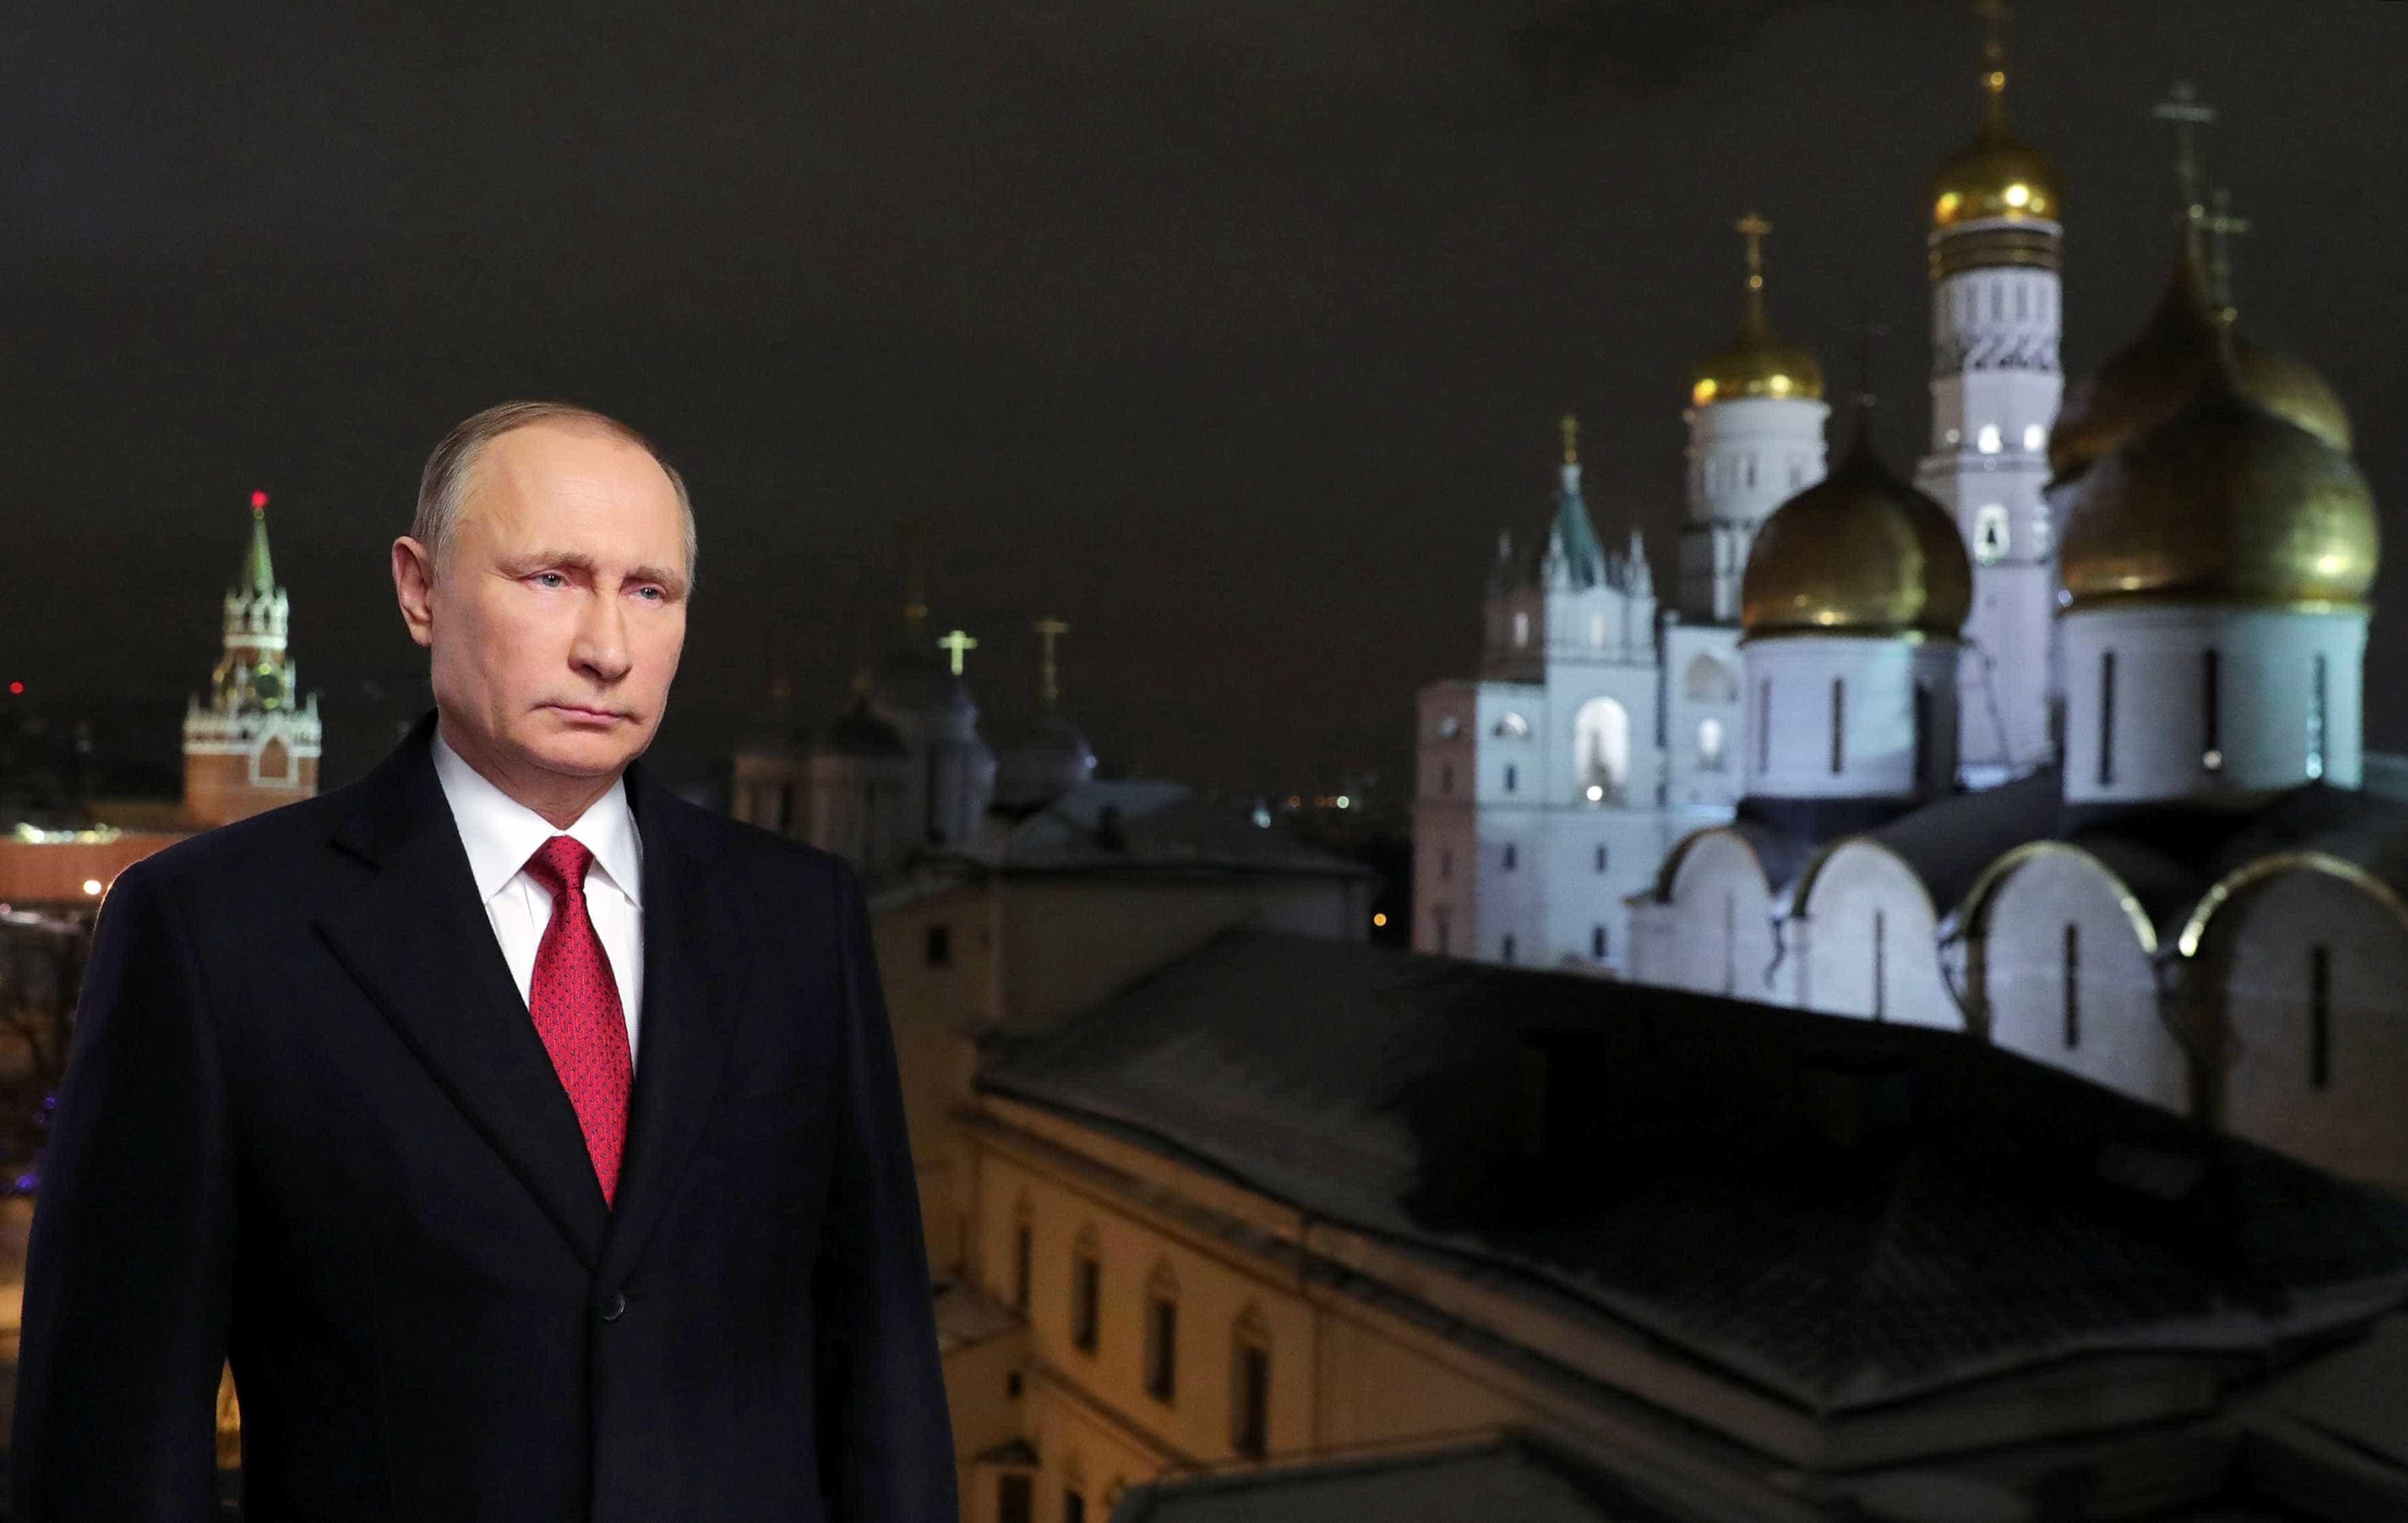 Rússia confirma preparação de cimeira de Putin com líder norte-coreano